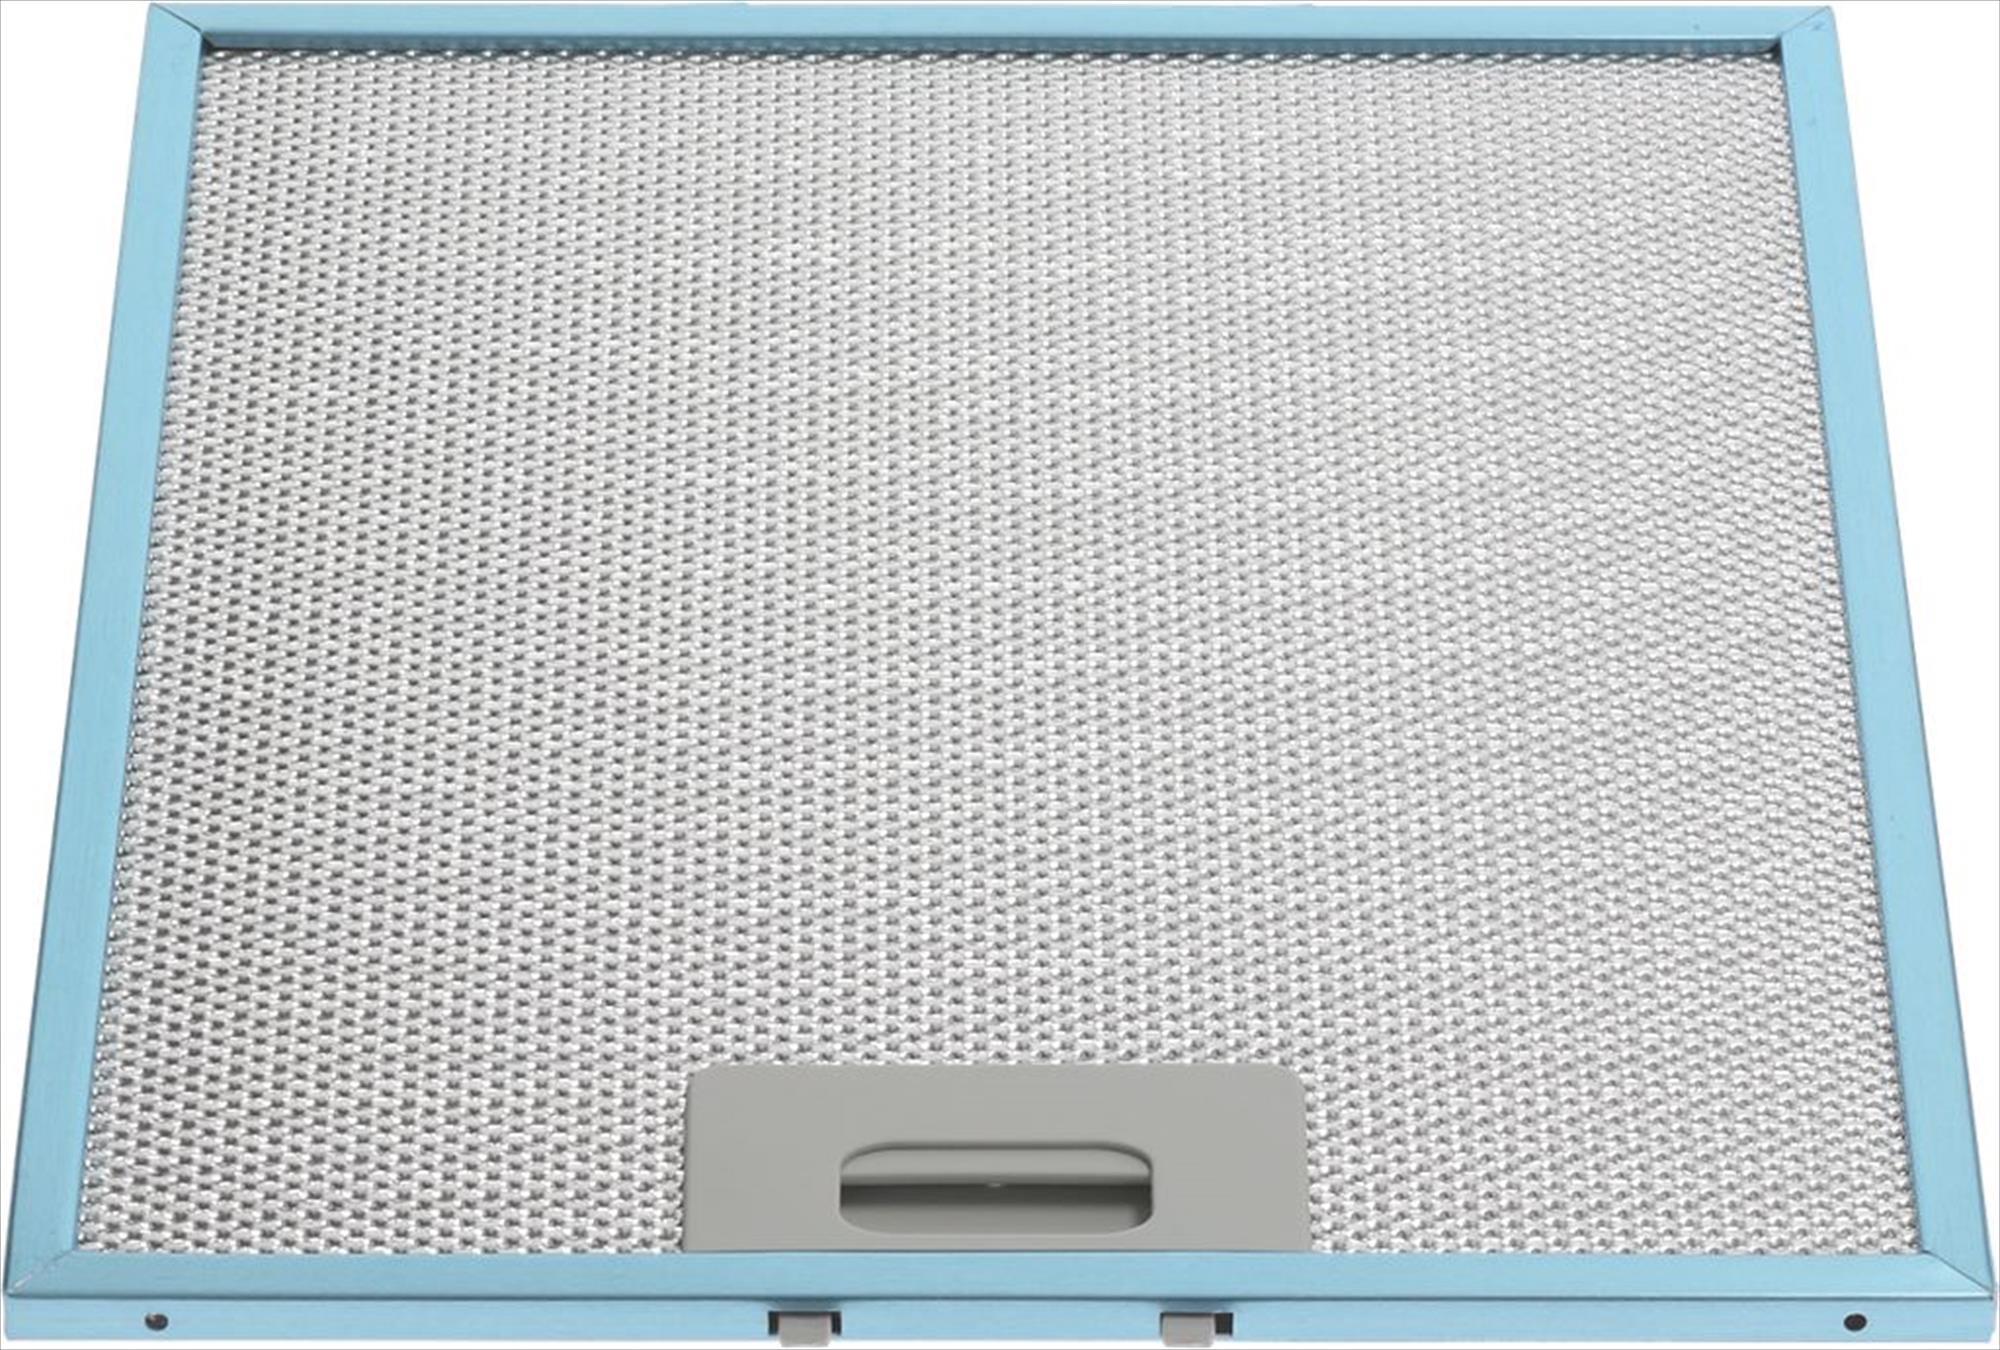 elica metaalfilter voor afzuigkap 1010gy. Black Bedroom Furniture Sets. Home Design Ideas